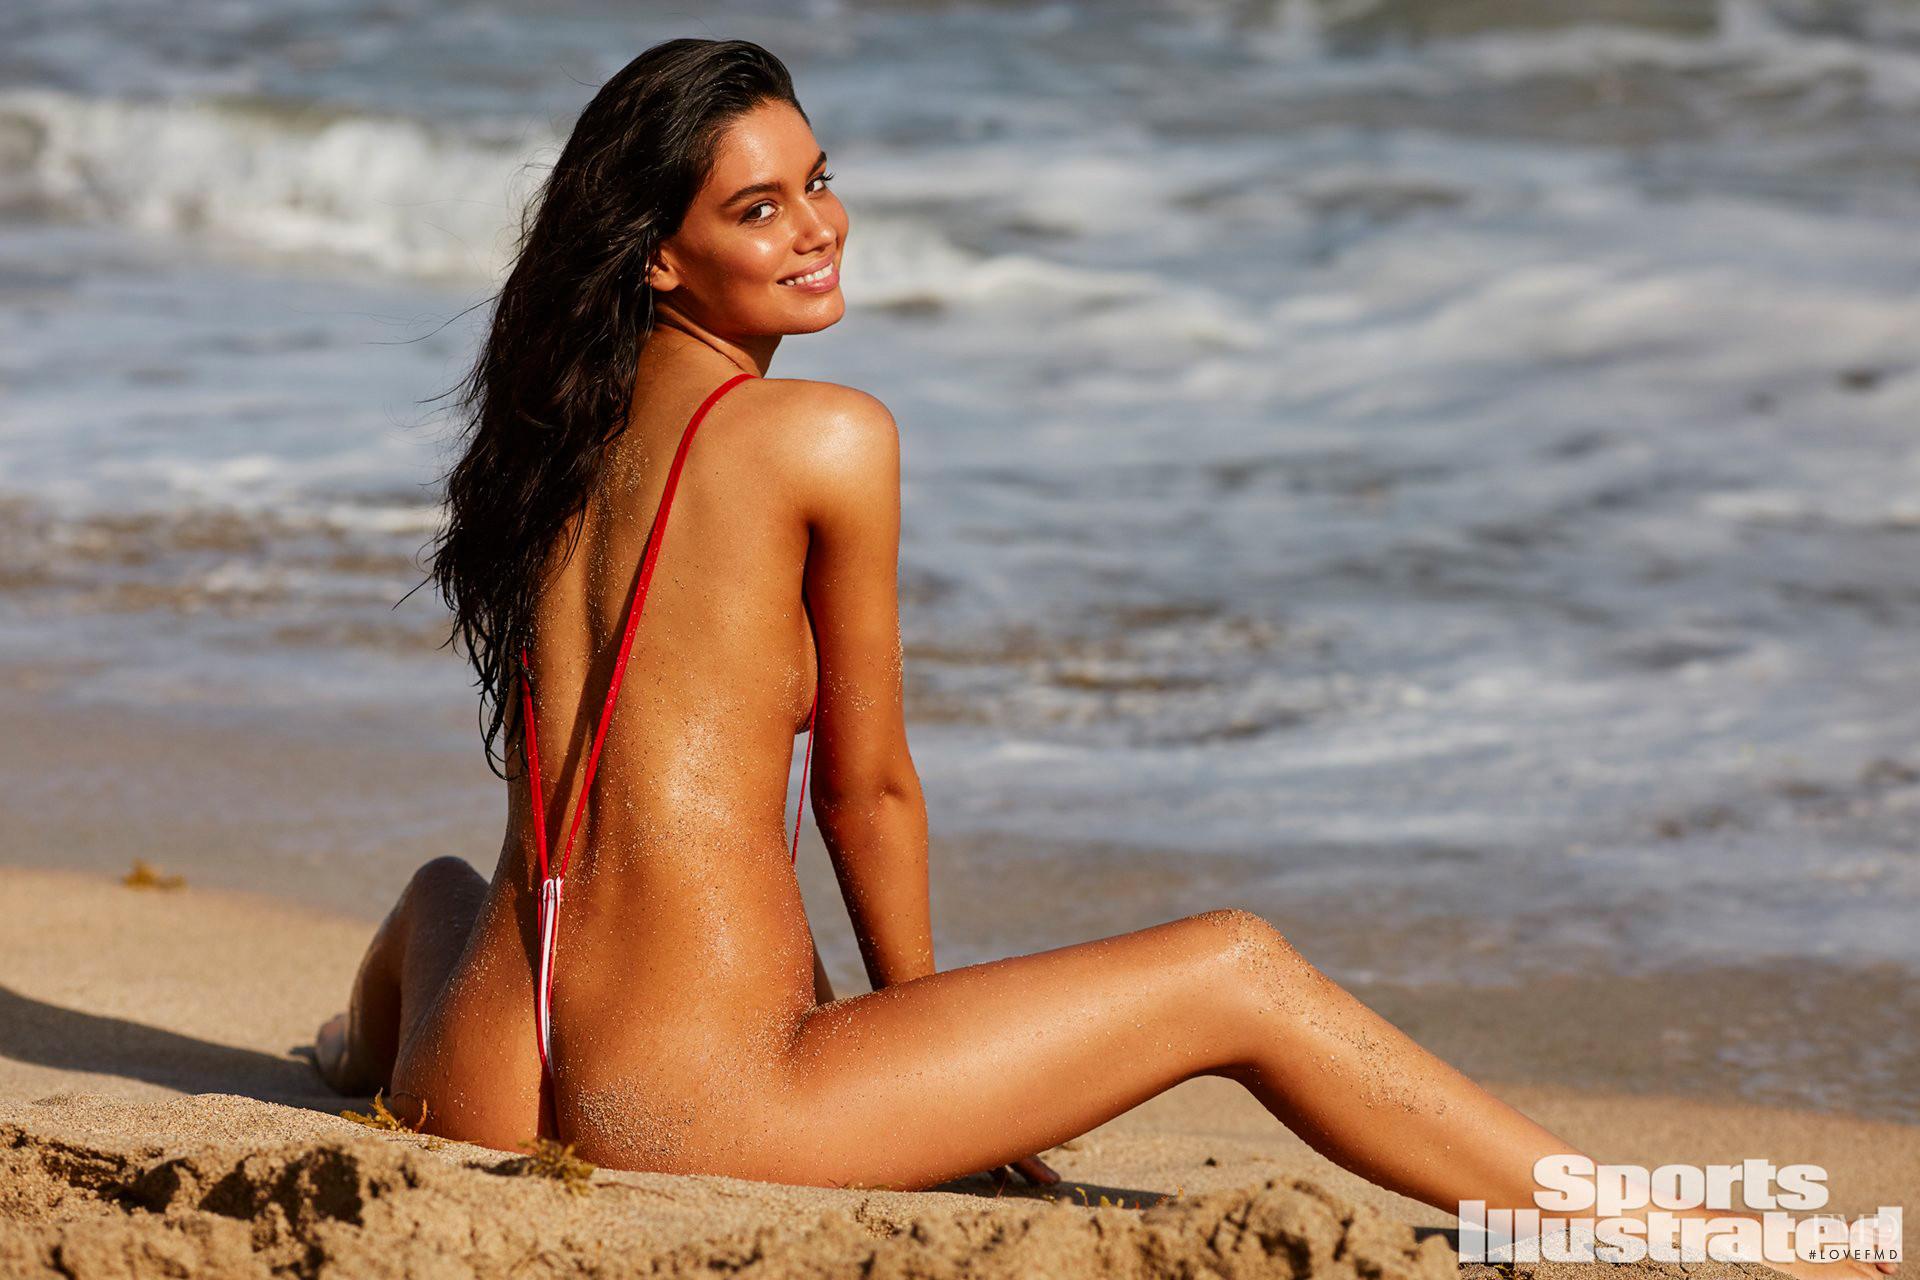 Anne De Paula nudes (32 images) Cleavage, Facebook, lingerie